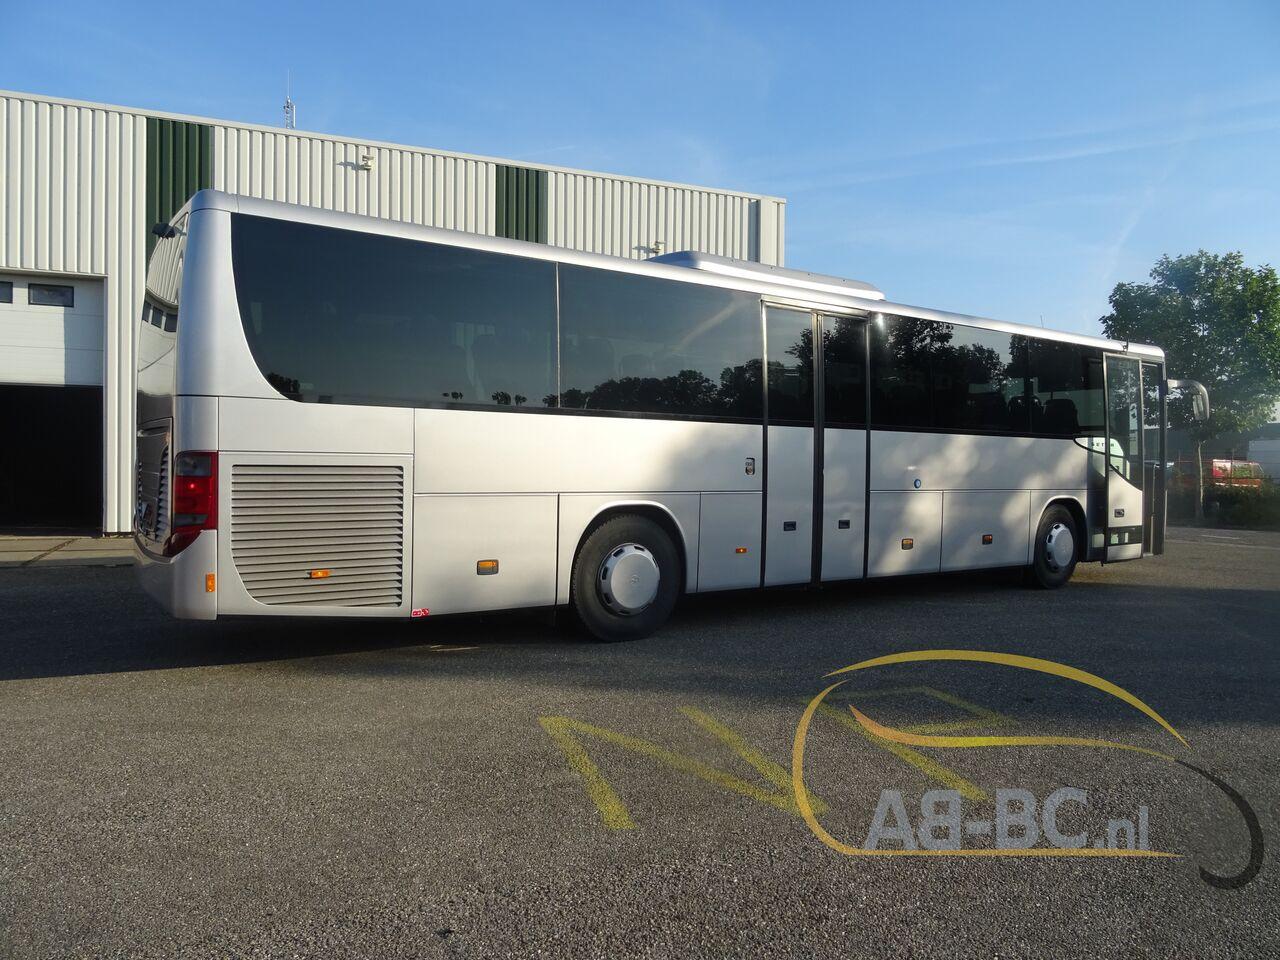 coach-bus-SETRA-S415H-52-Seats-EURO-6-Liftbus---1630913196698470967_big_bbeb57b2801a1eacf3f6045e905fa674--21070517141280735500